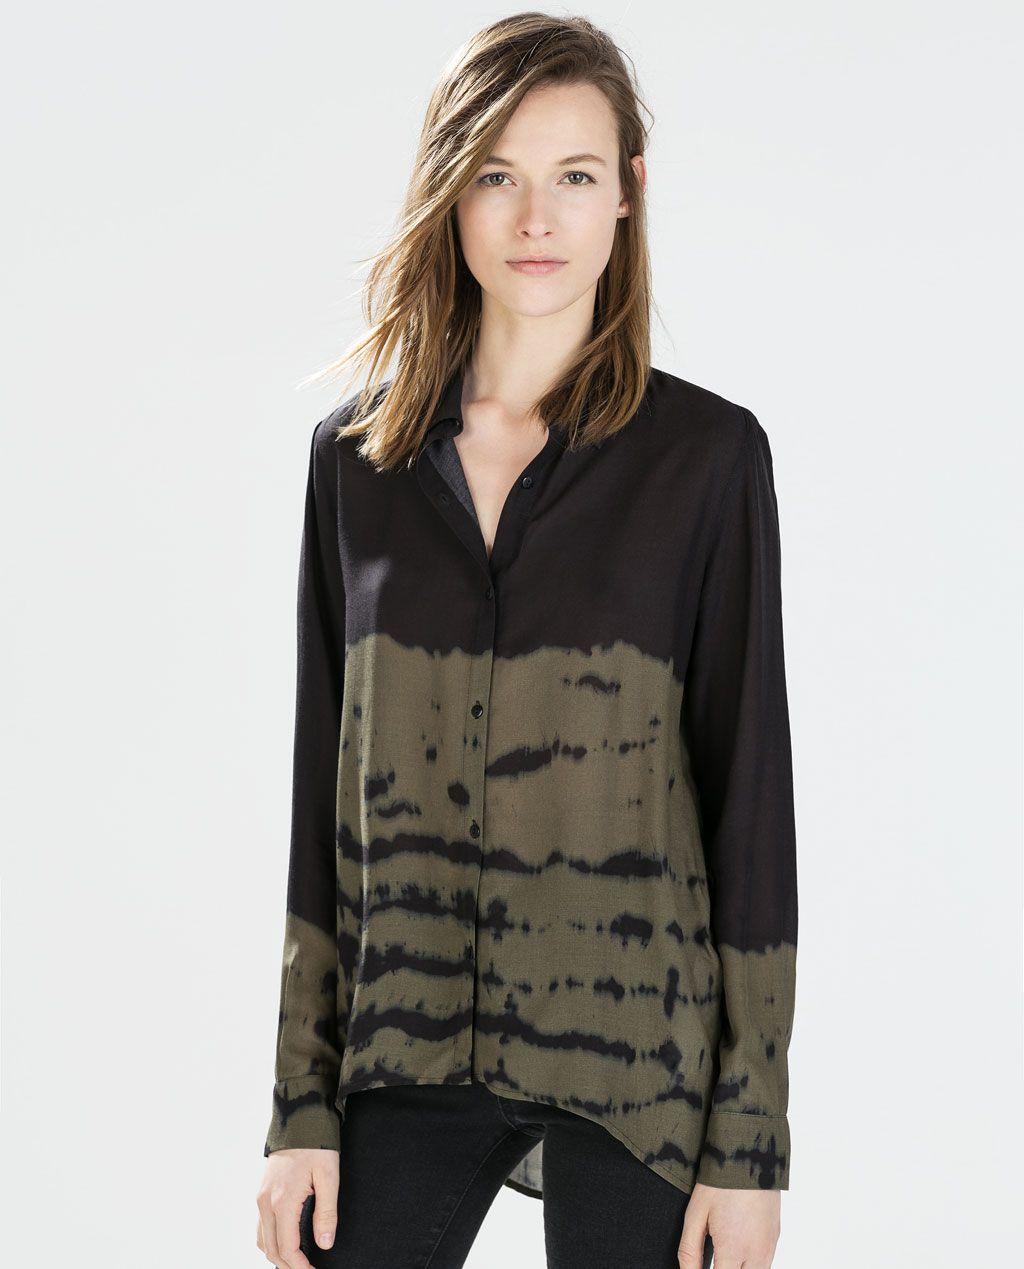 Zara kolekcja ss koszula farbowana metodĄ tie u dye printy w